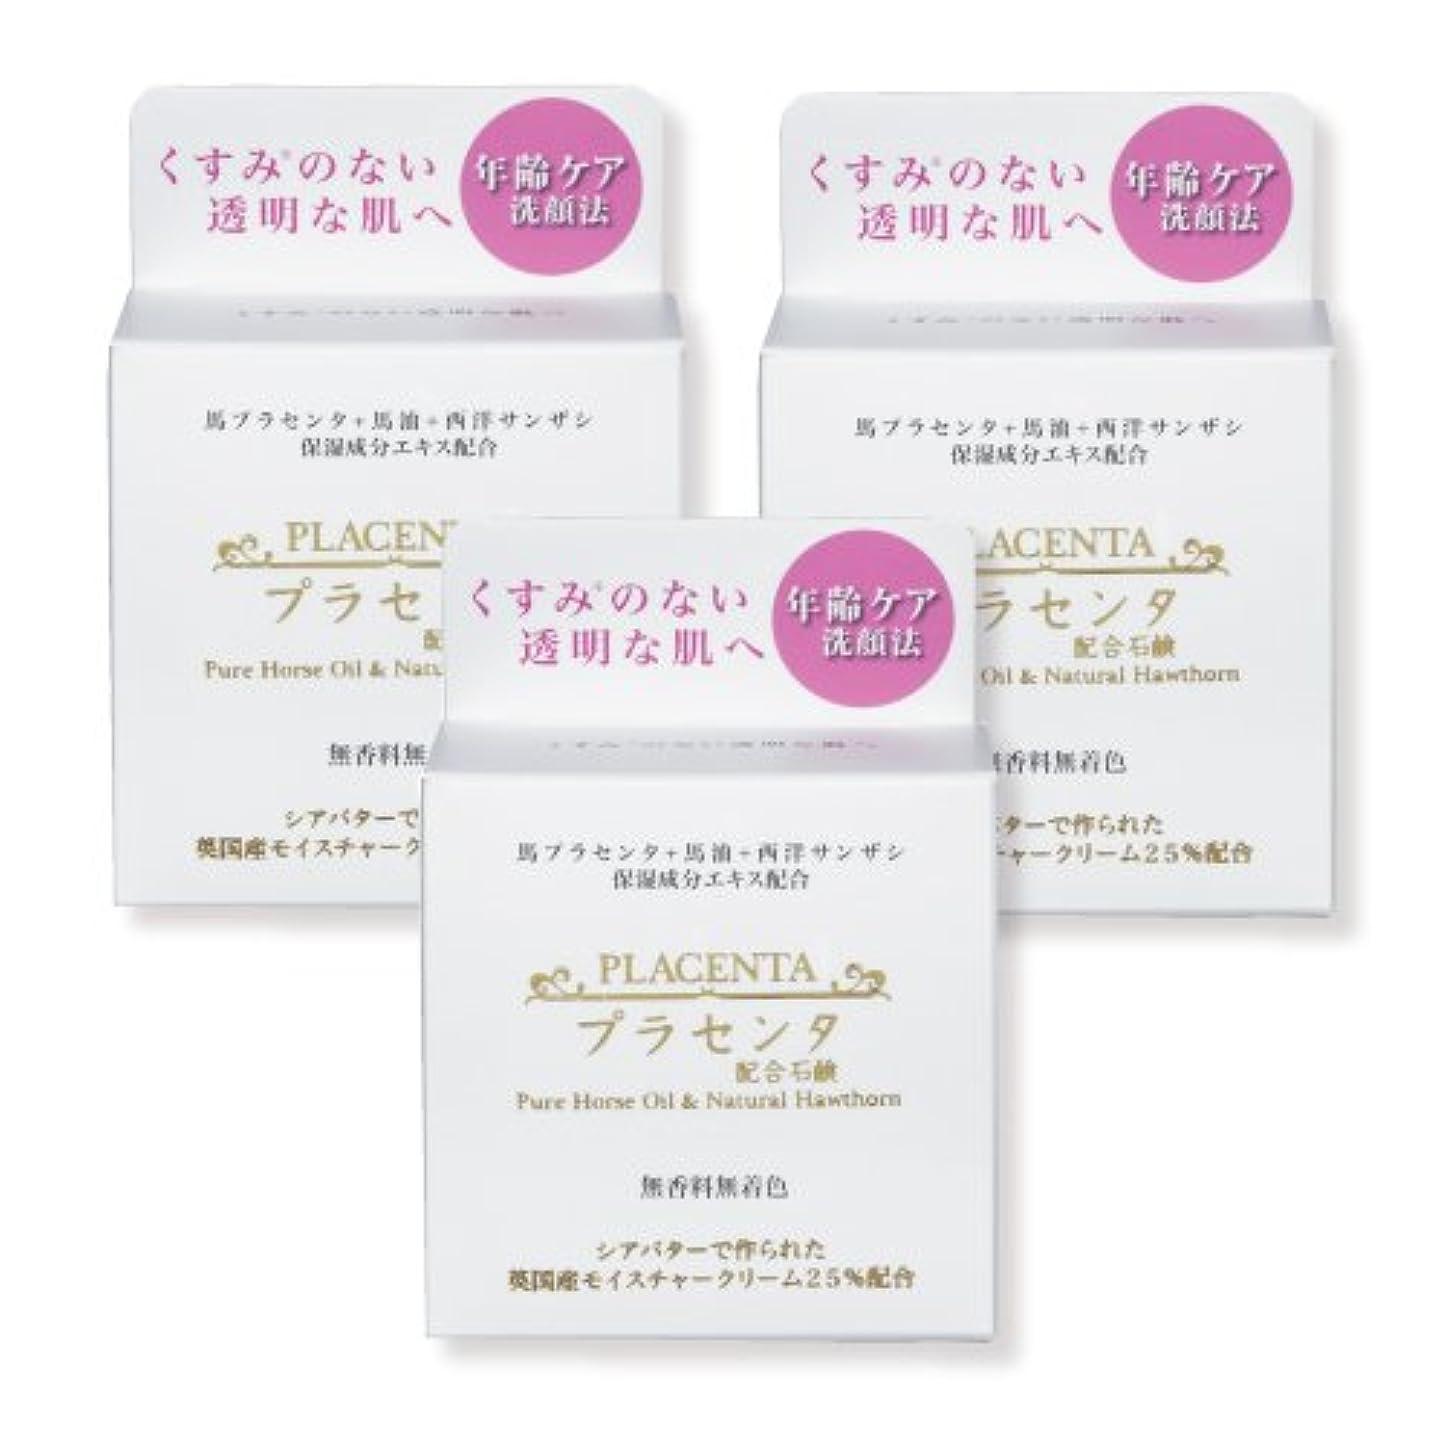 ステッチサイドボード学士【3個セット割】プラセンタ+馬油+西洋サンザシ配合石鹸 抗糖化を目指した年齢ケア洗顔